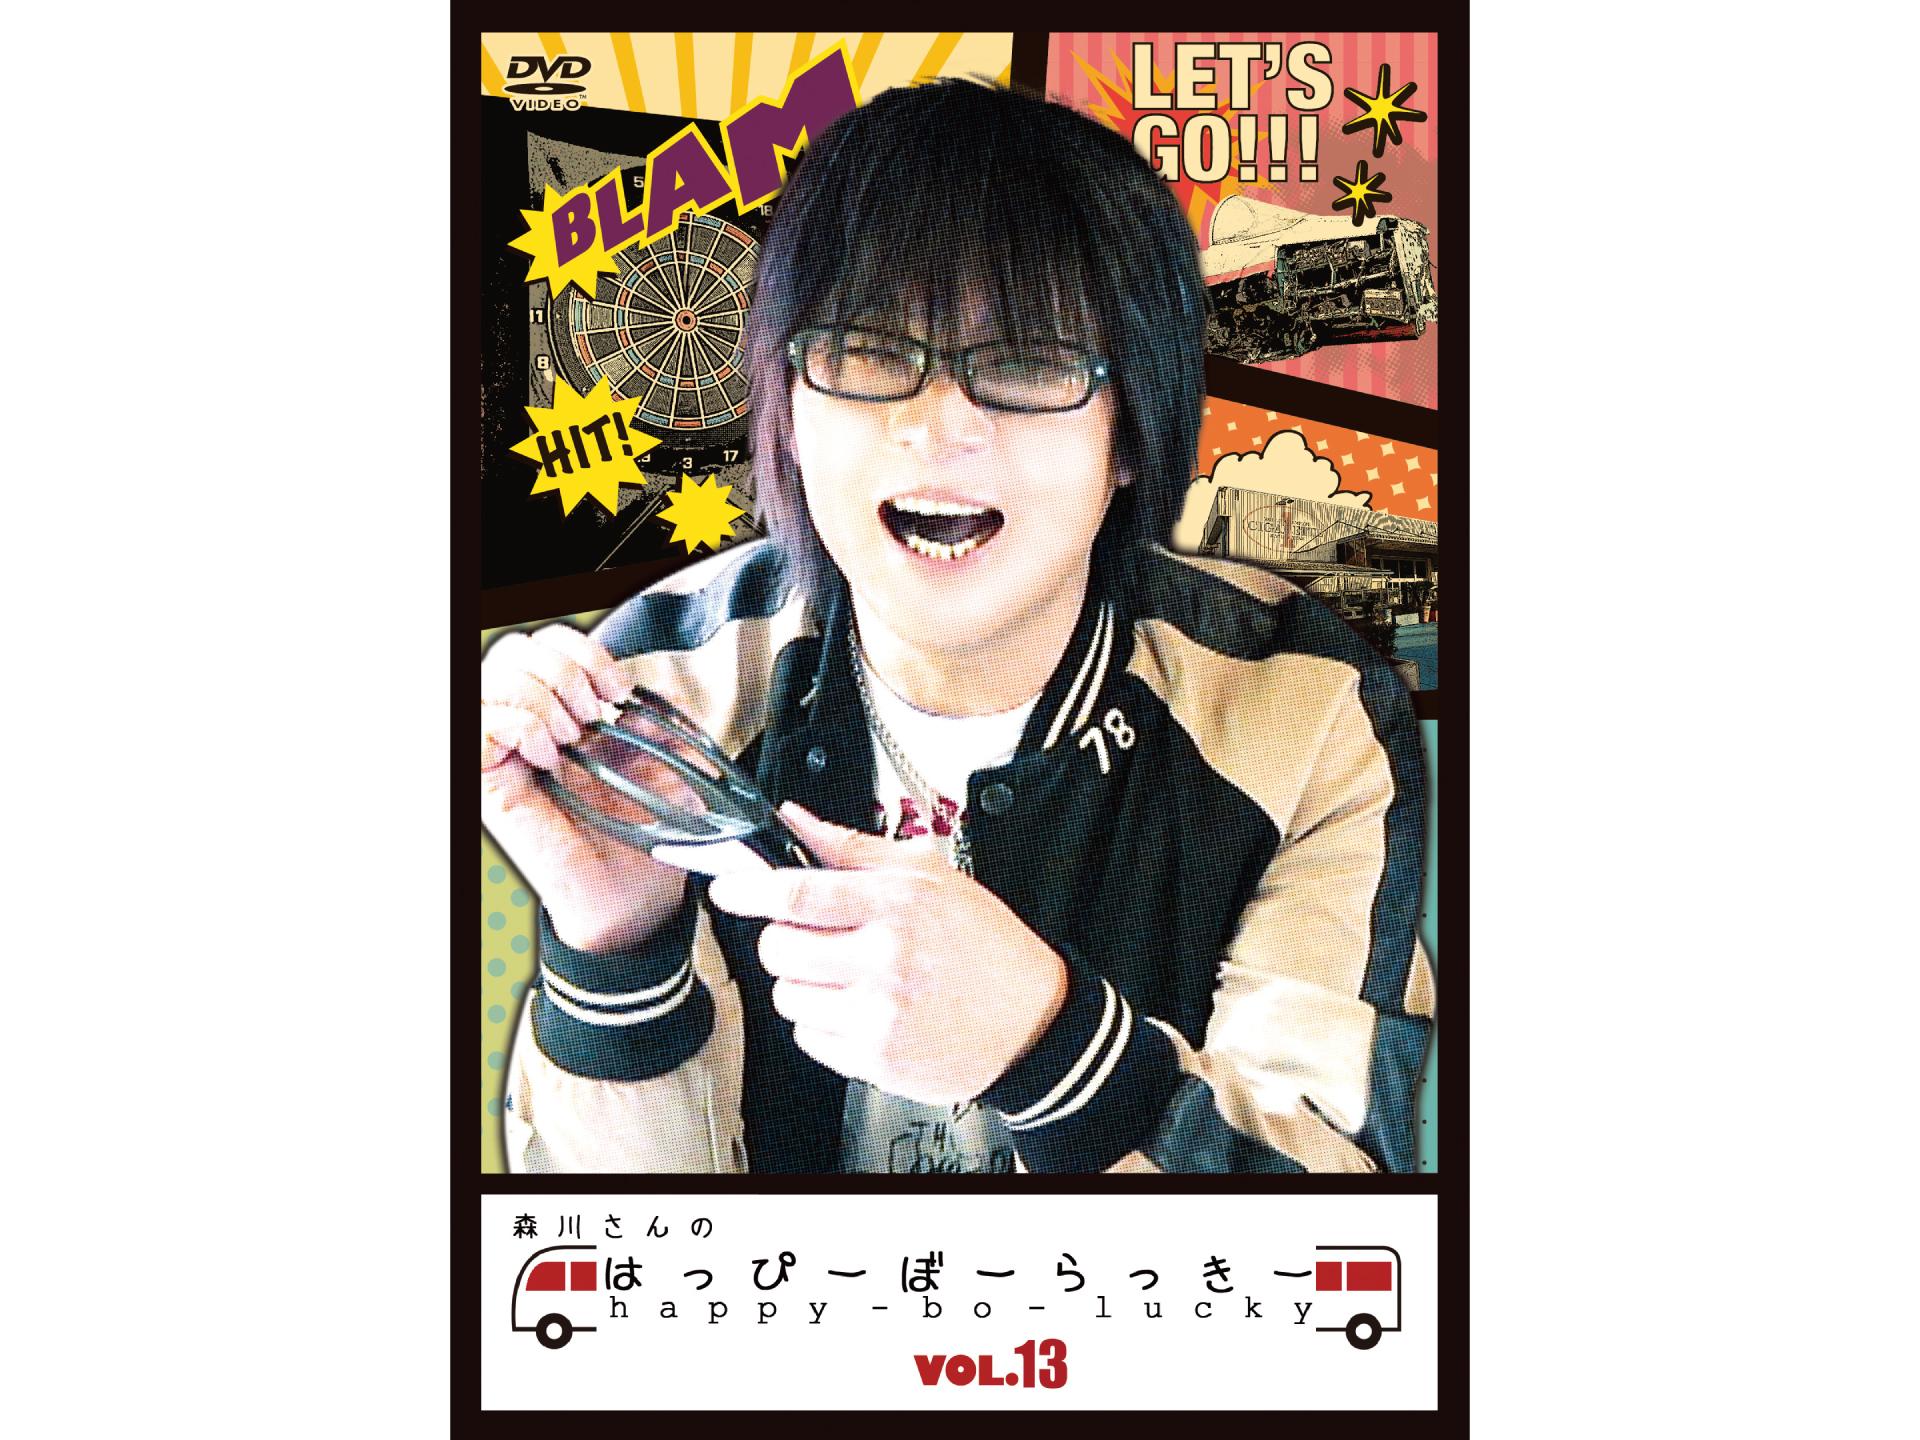 森川さんのはっぴーぼーらっきー VOL.13